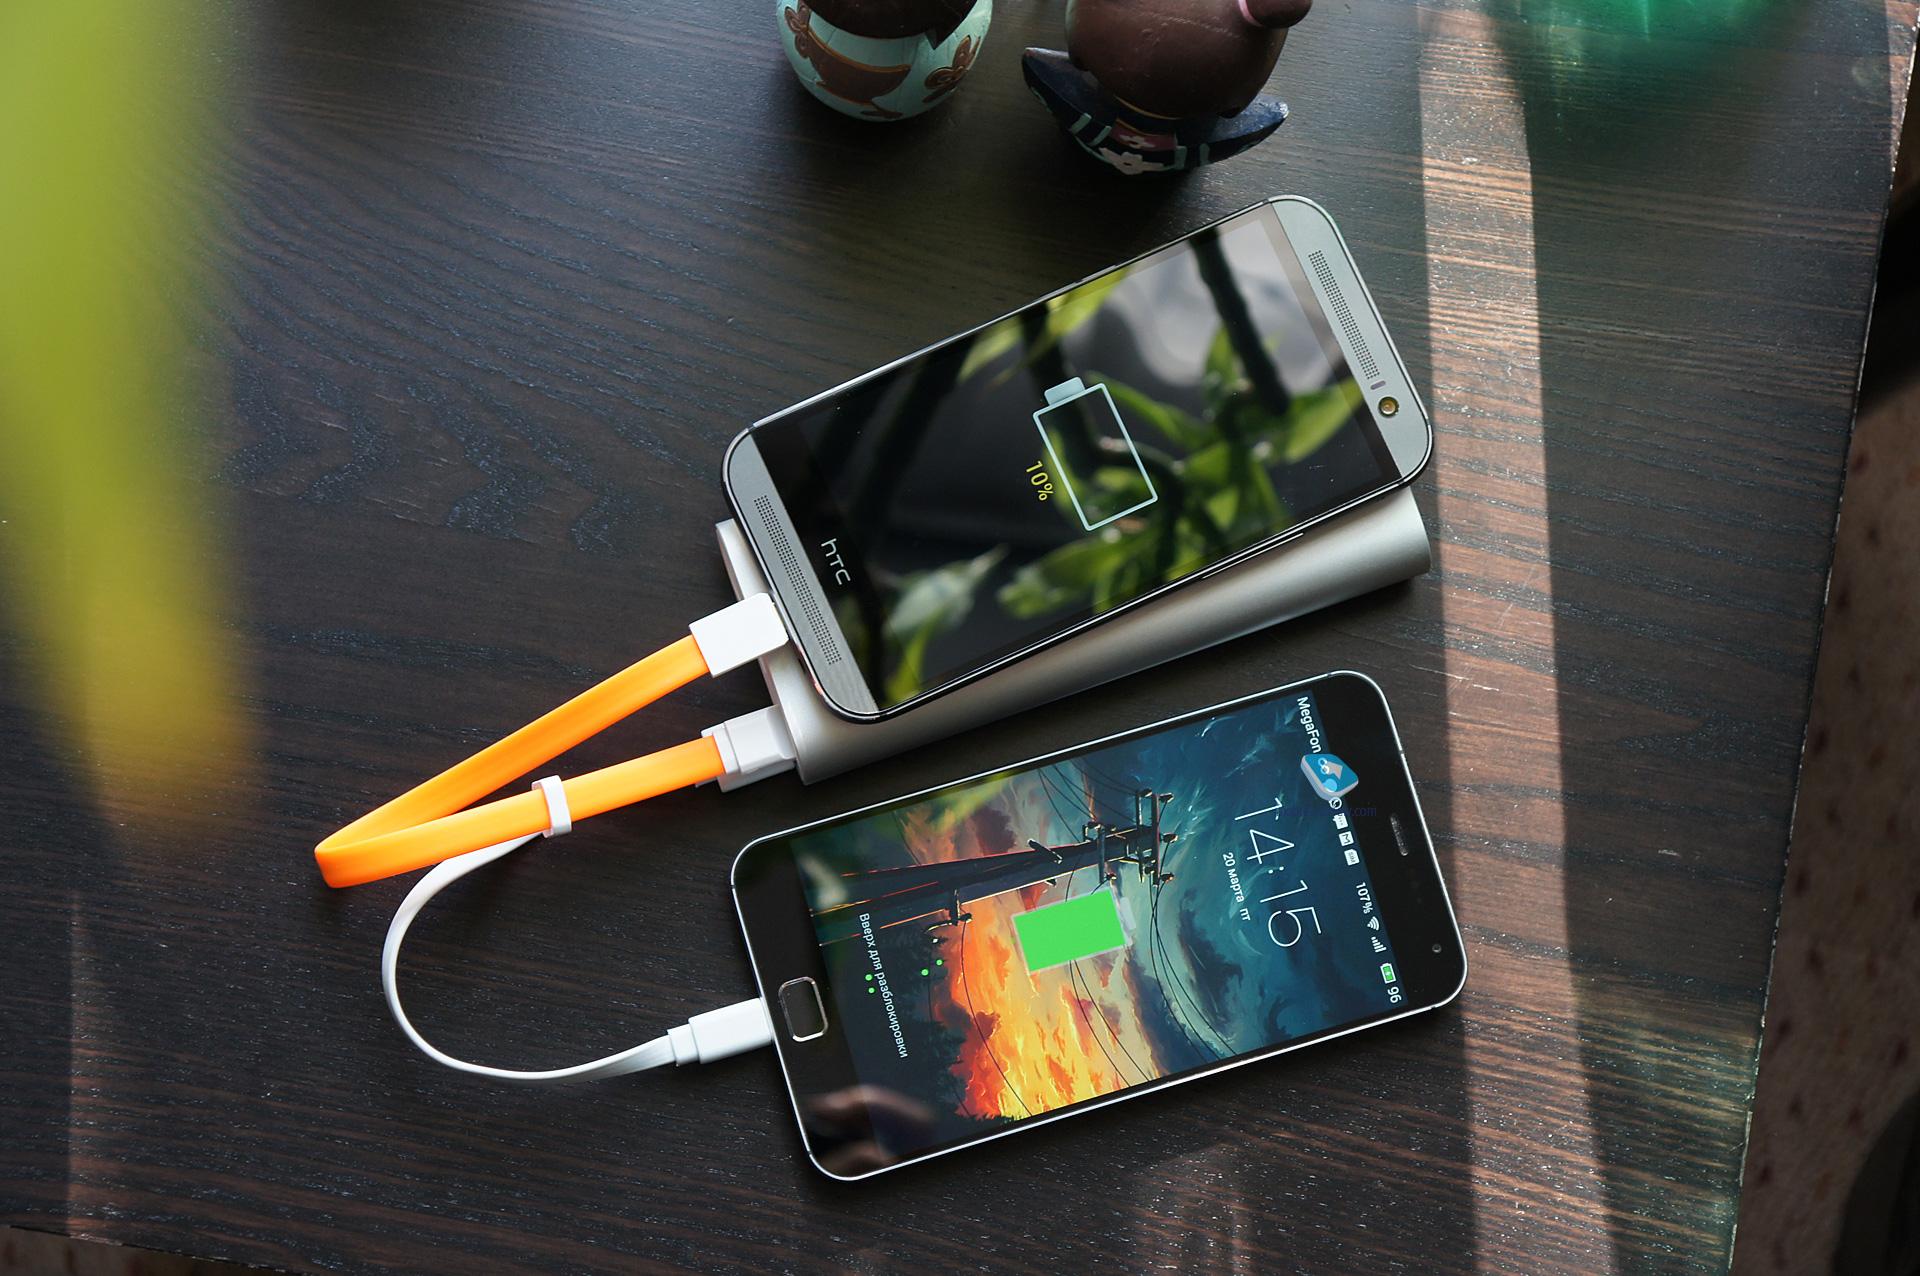 полная зарядка нового телефона последние два